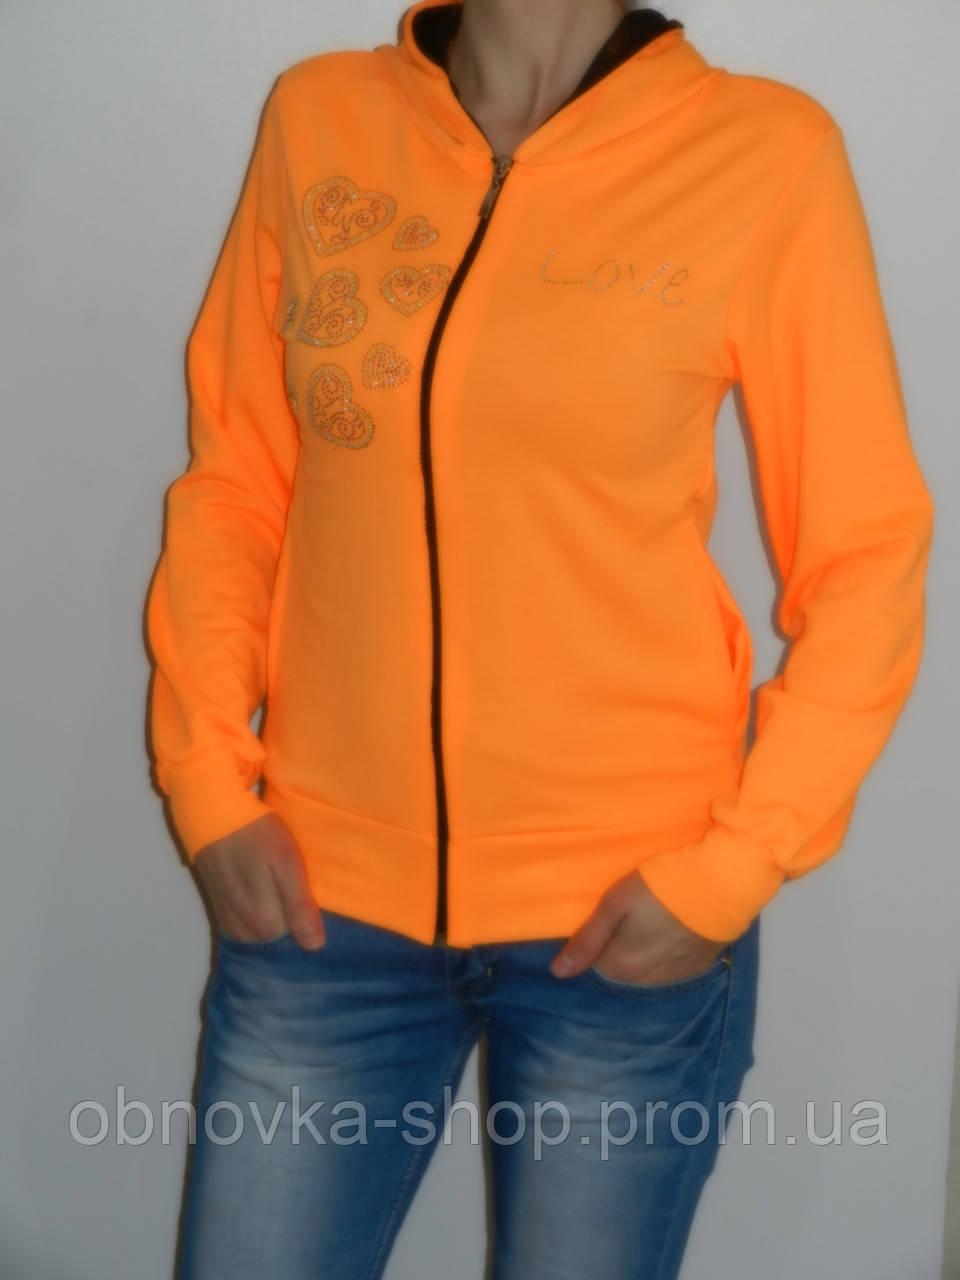 910a5d71 Женская толстовка с капюшоном - Интернет-магазин одежды и обуви в Харькове